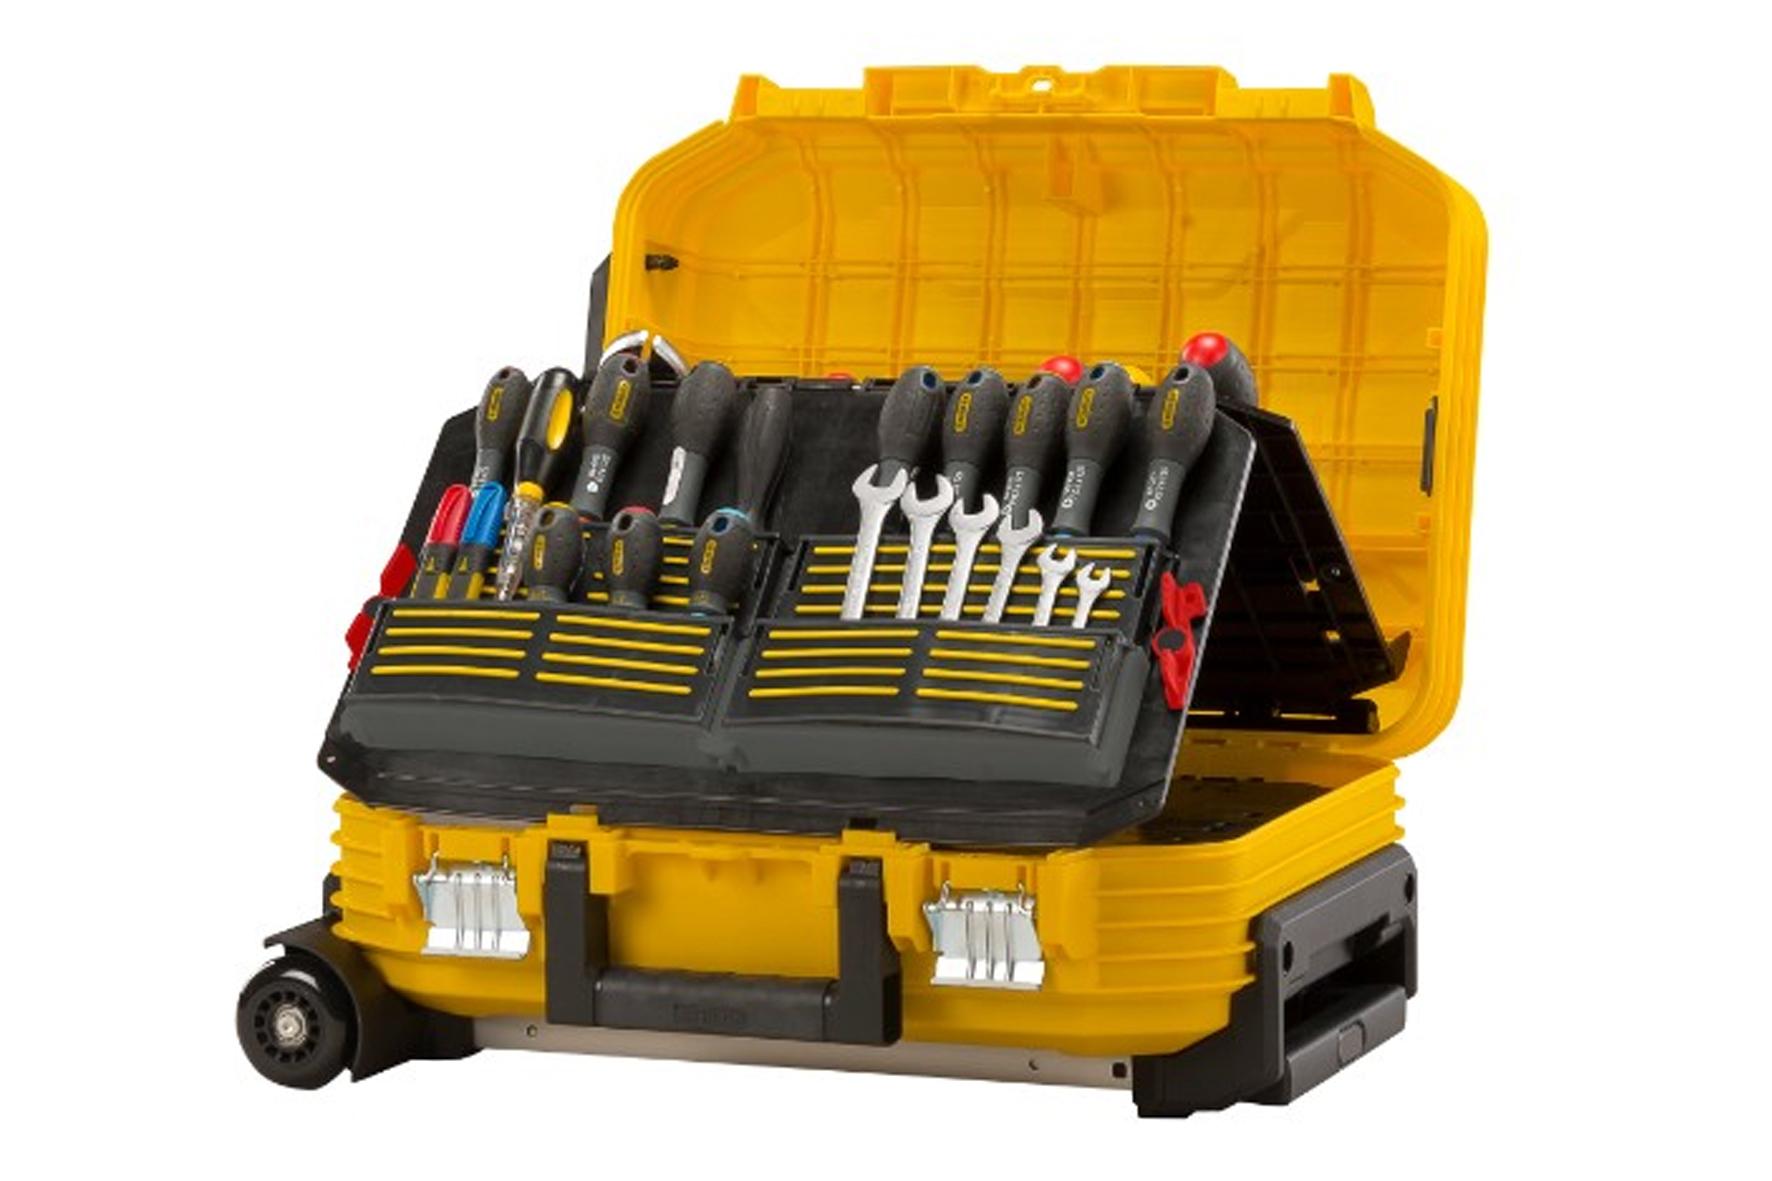 valise outils avec roues fatmax achat en ligne ou dans. Black Bedroom Furniture Sets. Home Design Ideas